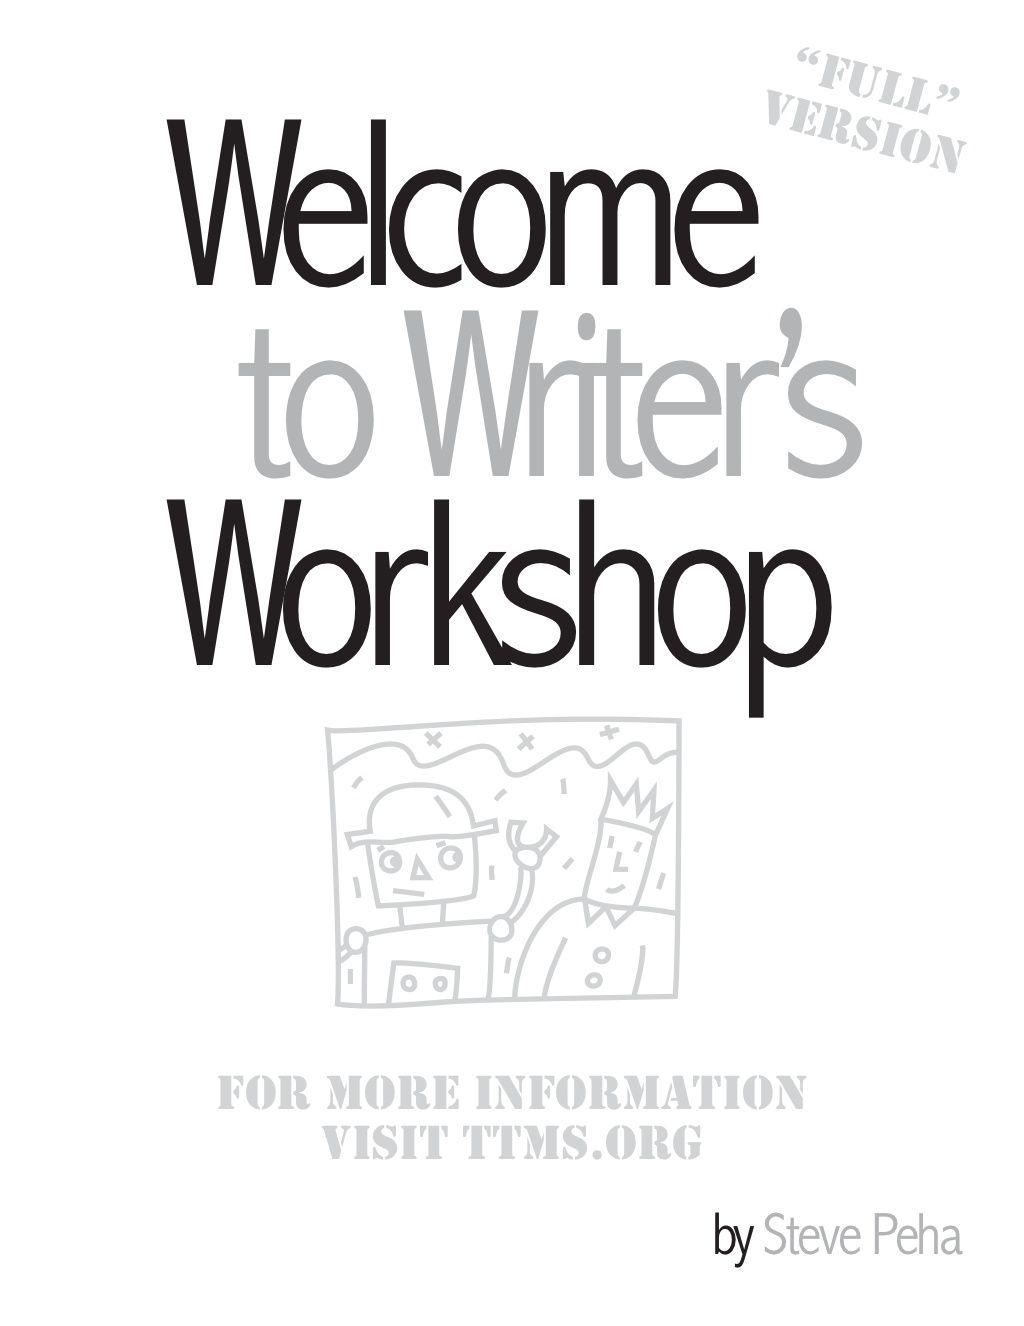 05-writers-workshop-v001-full by cgwilson47 via Slideshare